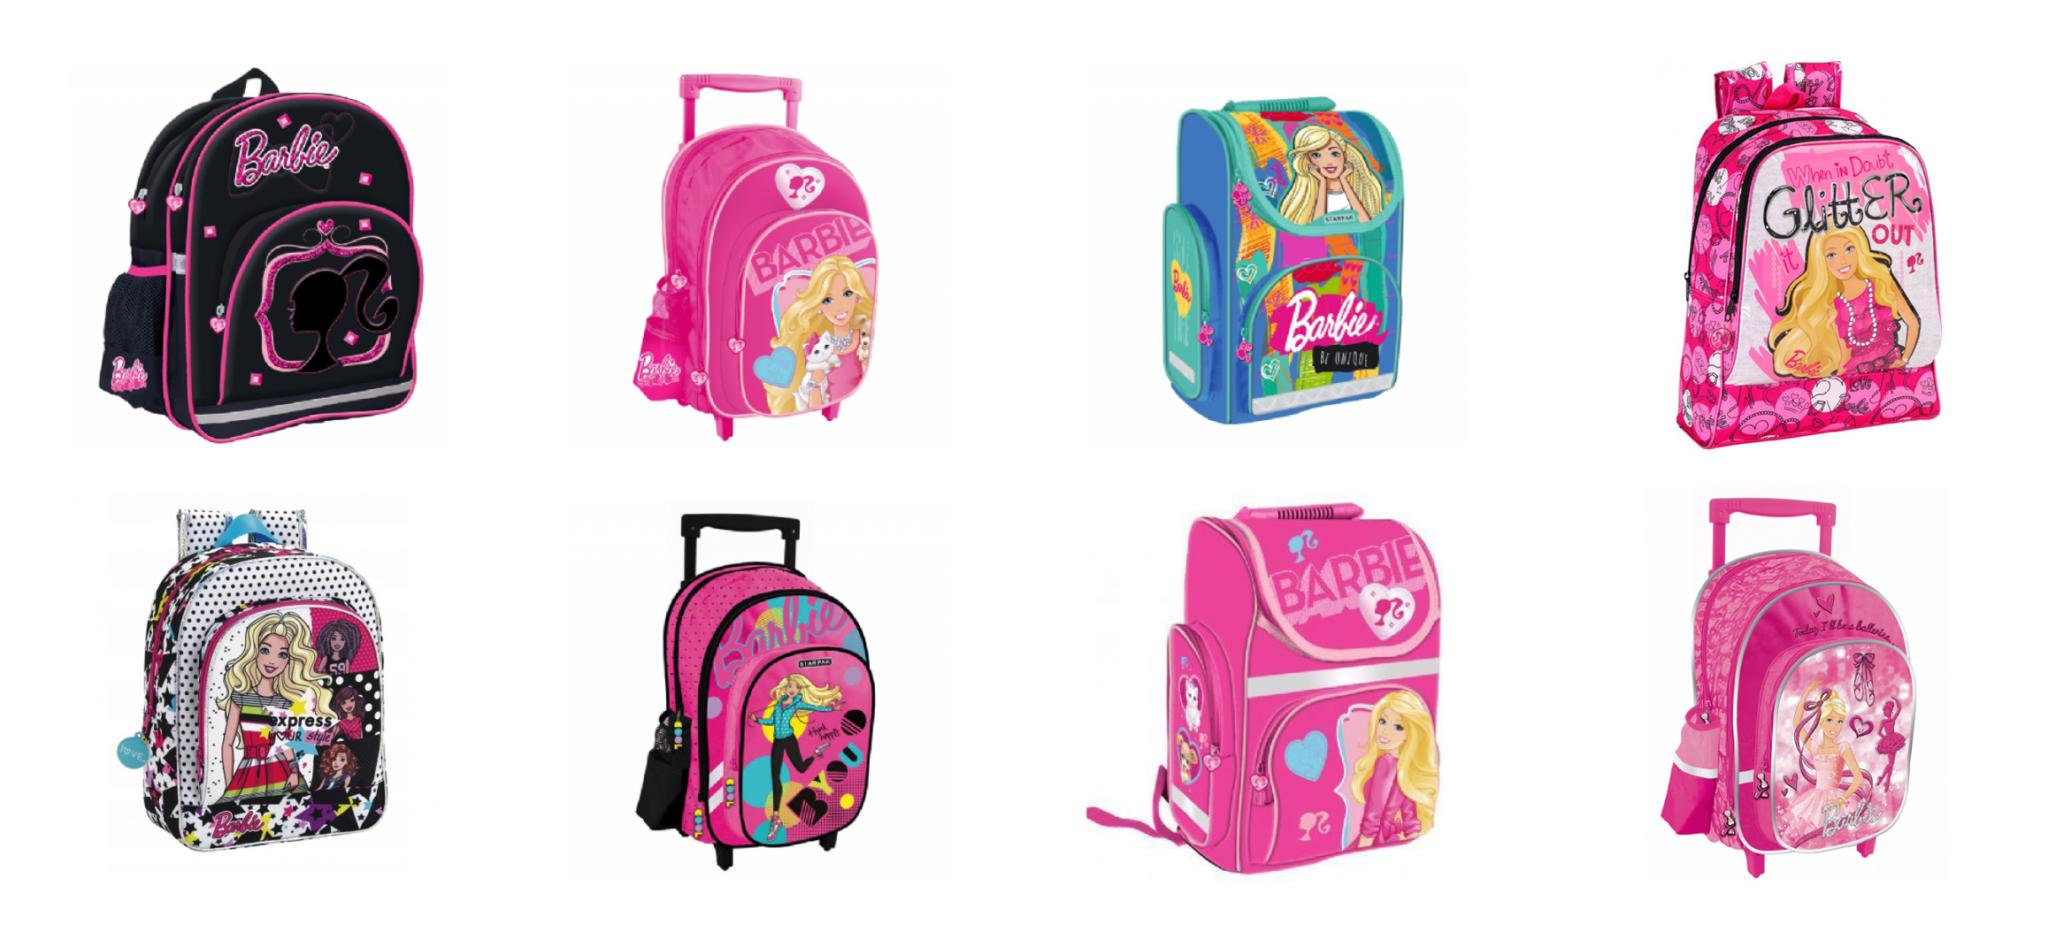 barbie rygsæk, barbie skoletaske, skoletasker med barbie, barbie skoletasker, barbie trolley, trolley med barbie, barbie skoletaske trolley, trolley skoletaske barbie, barbie trolley skoletaske, rygsække med Barbie, lyserøde skoletasker